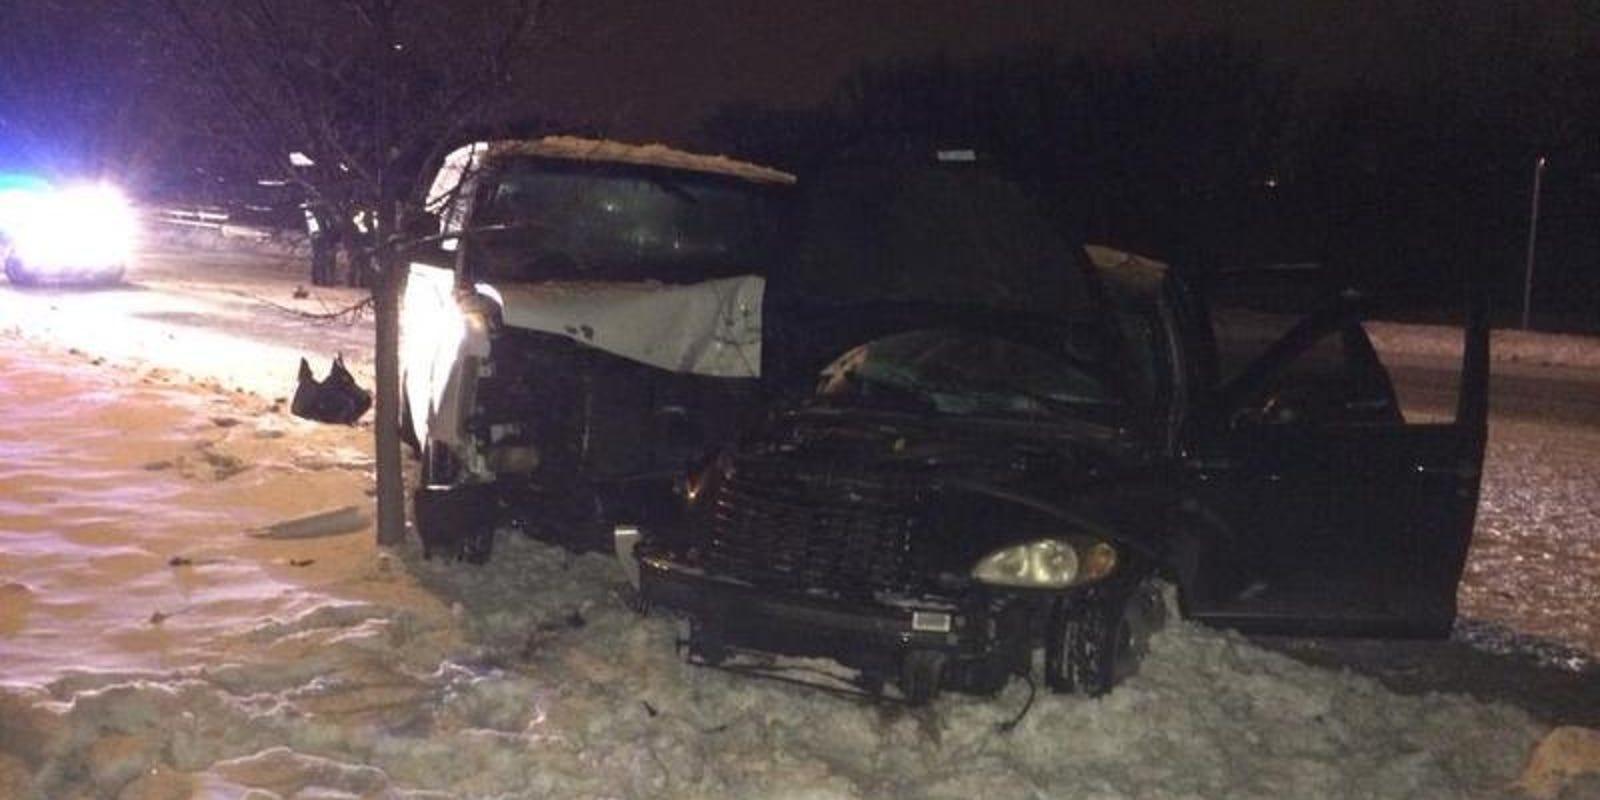 Csu Student Dies In Car Crash